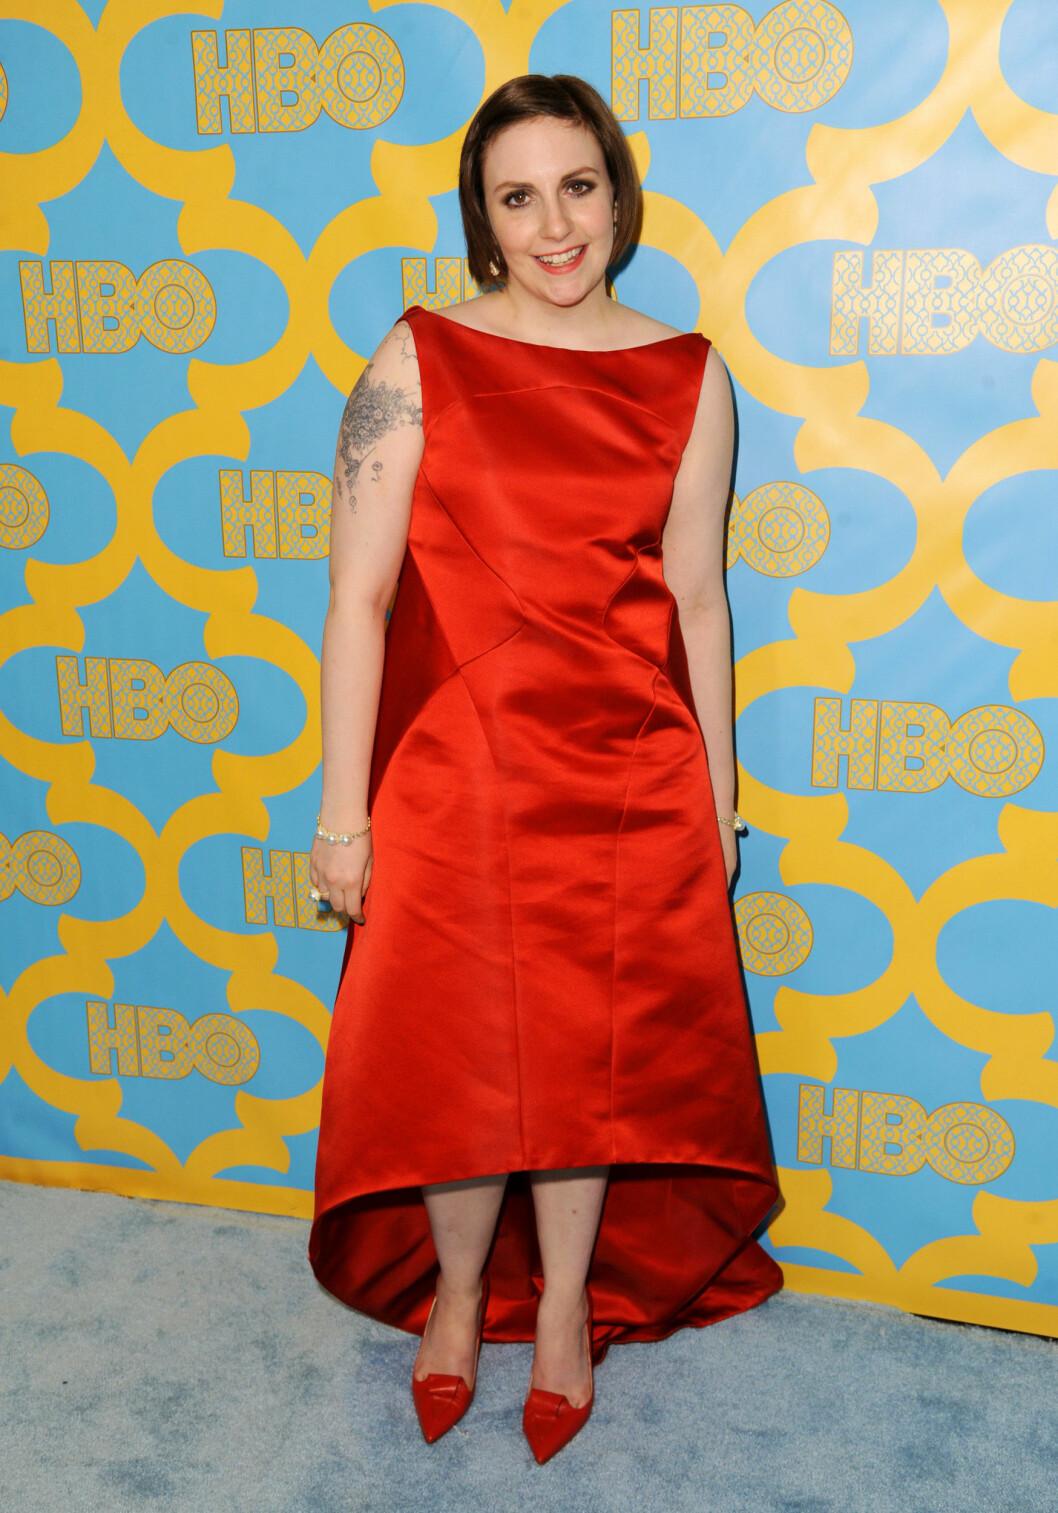 <strong>UFLATERENDE:</strong> Lena Dunham så ekstremt ukomfortabel ut da hun ankom Golden Globes i januar i en rød satengkjole fra Zac Posen. Kjolen var mer pyntet i stilen enn «Girls»-skaperen vanligvis liker. - Kjolen var uflaterende på hennes flotte figur. Kjolen har form som en eske og stjernen druknet i designet, skriver magasinet OK.  Foto: Ap